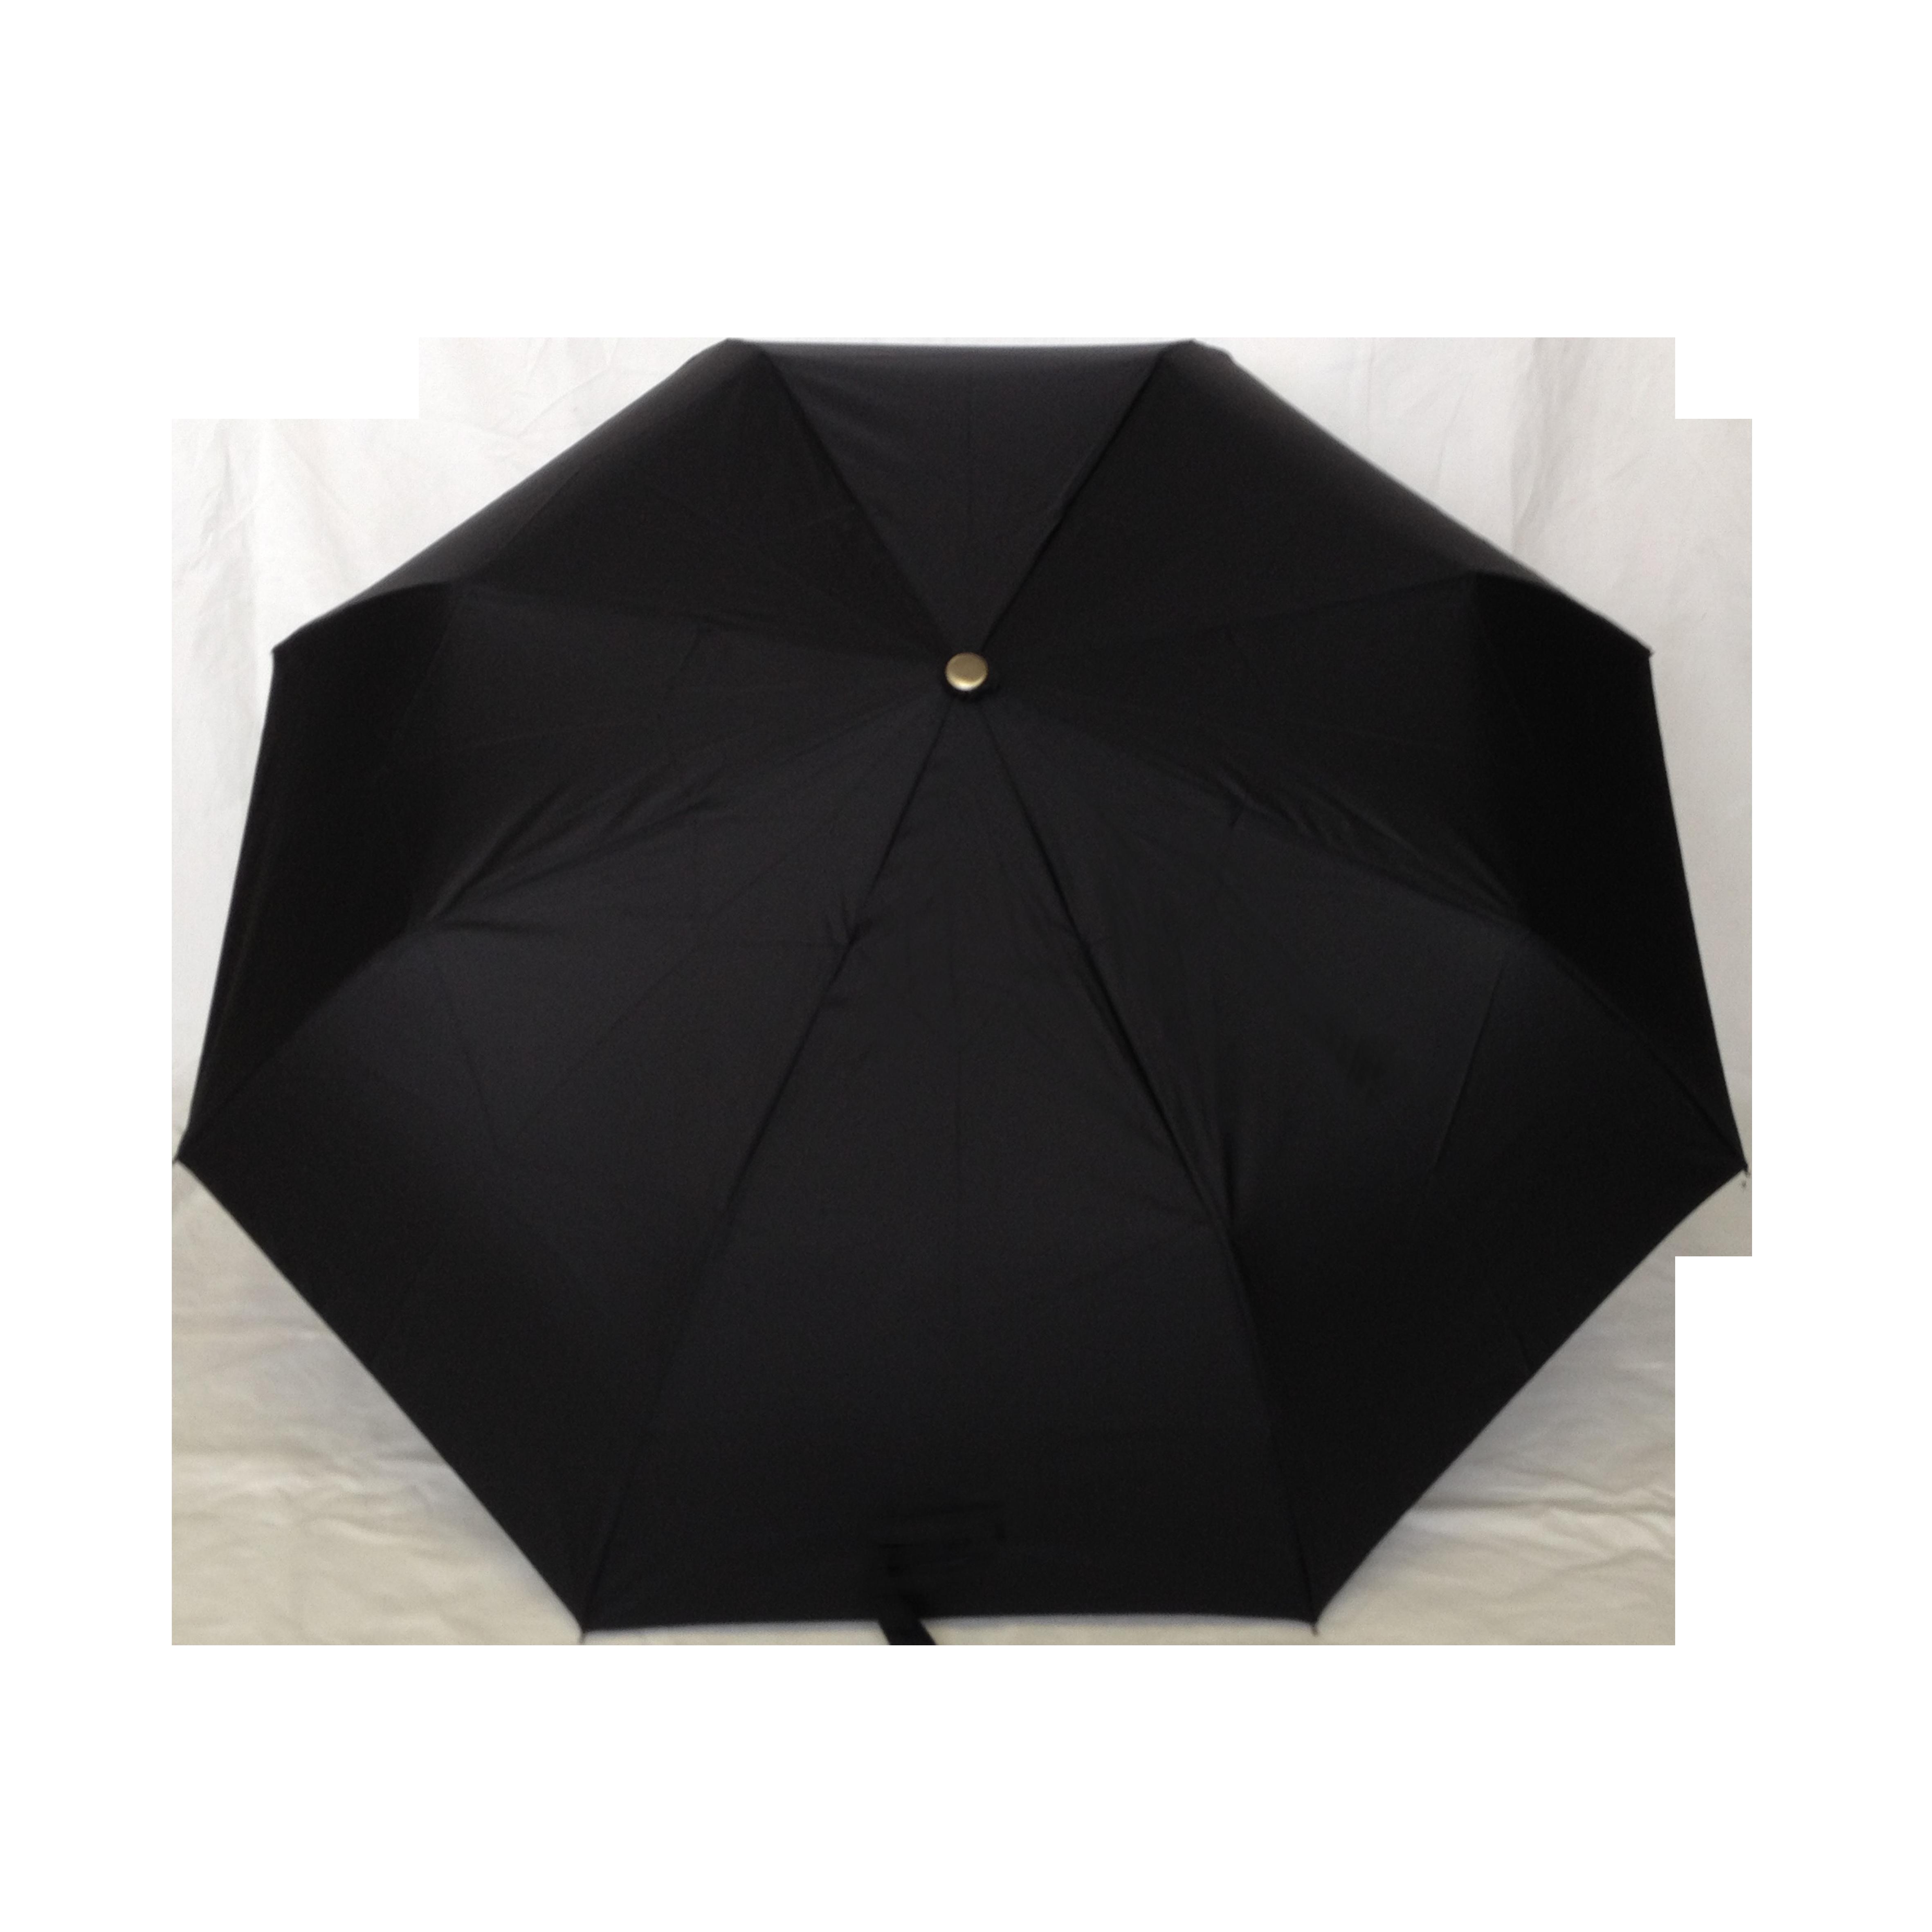 parapluie pliant homme automatique noir poign e en bois kausia. Black Bedroom Furniture Sets. Home Design Ideas